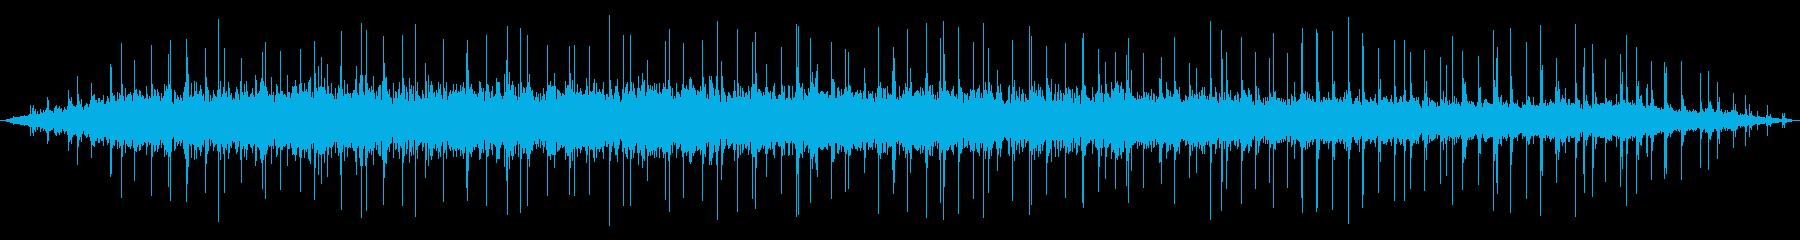 天気 サマーライン05の再生済みの波形